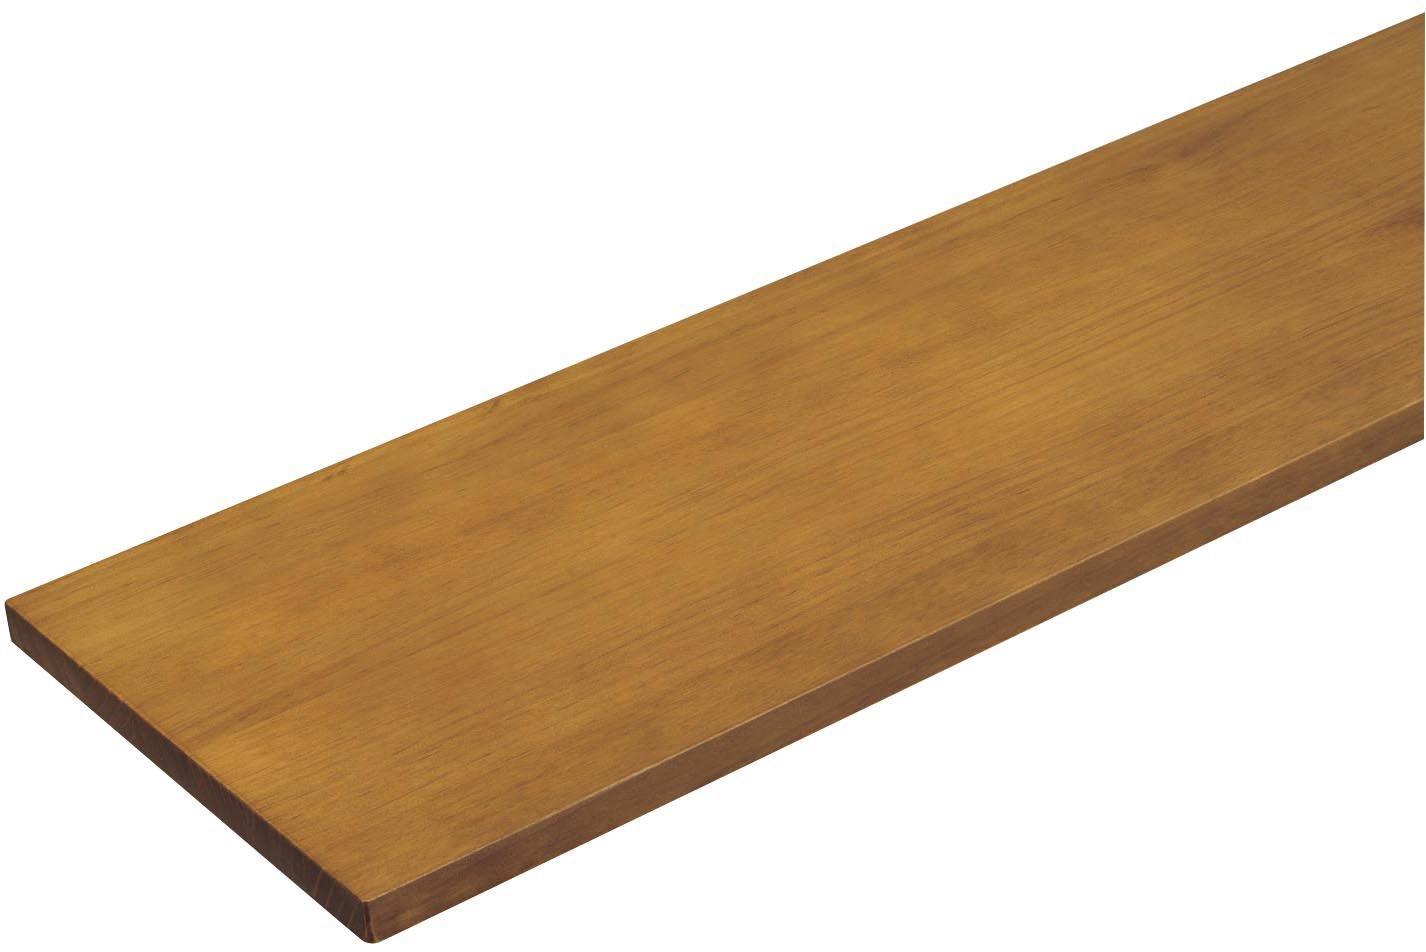 ウッドワン 棚板 ニュージーパイン無垢材 ミディアムブラウン色 糸面 [長さ900x奥行450x厚み18mm] MTR0900N-C1I-MB B074KK6KDW 長さ900|ミディアムブラウン|奥行450 ミディアムブラウン 長さ900